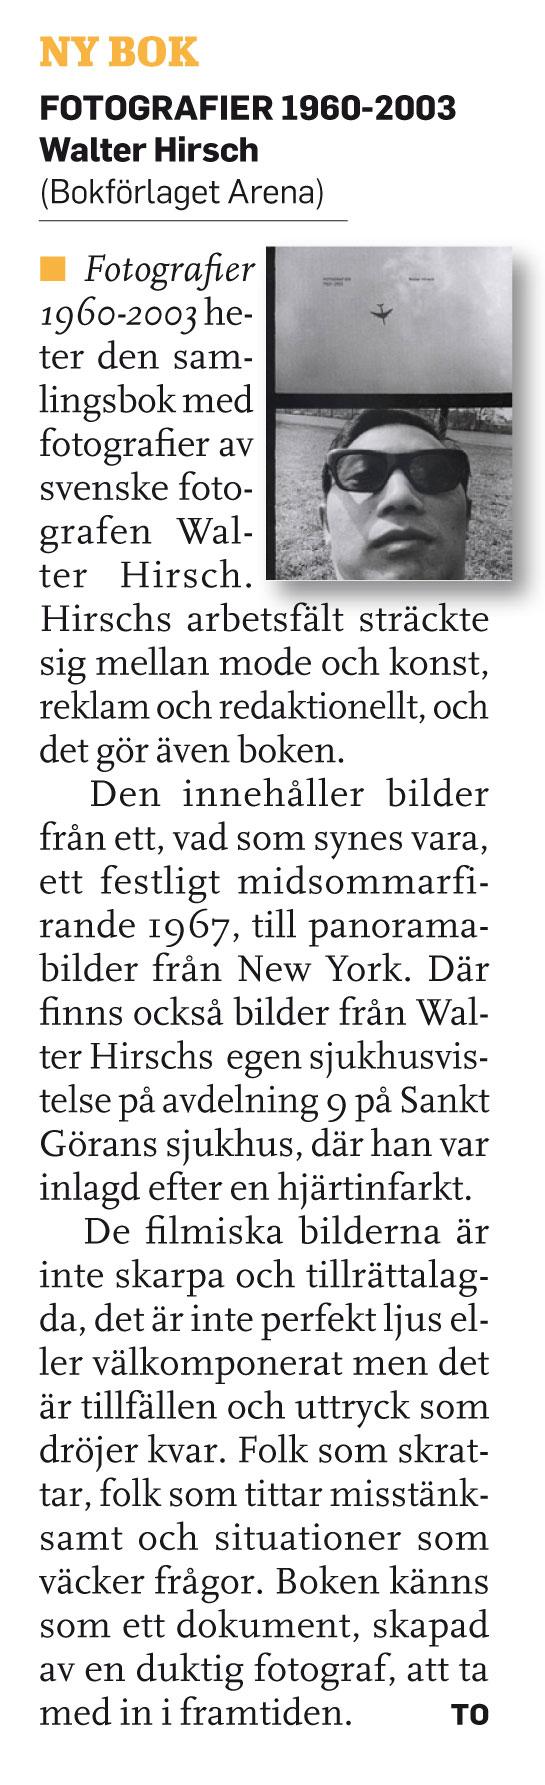 Hirsch.journalisten